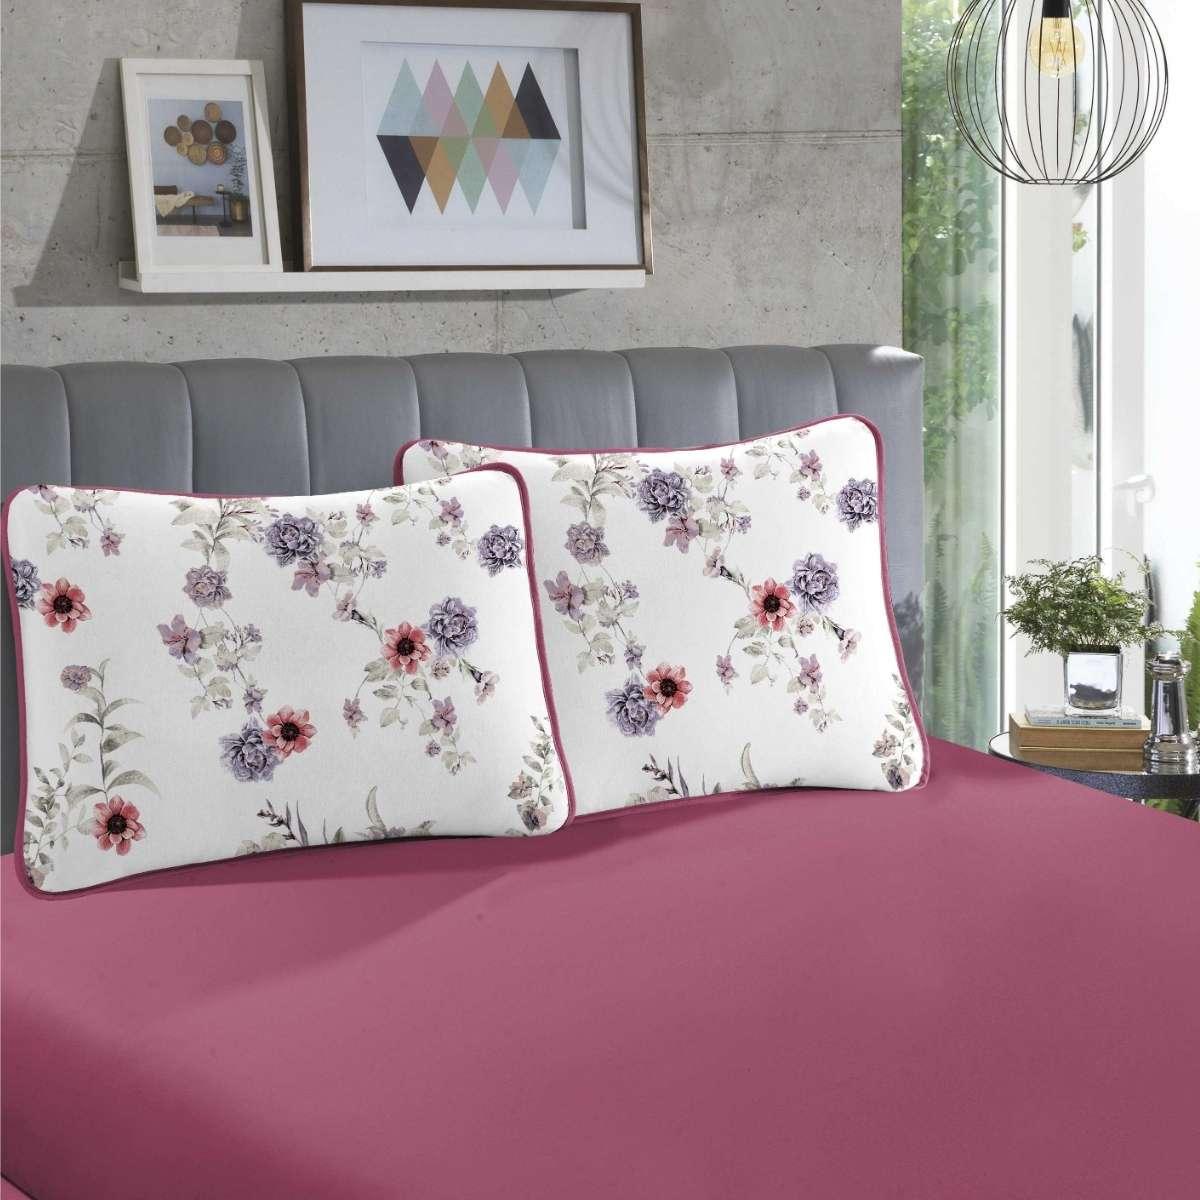 Jogo de cama em malha CASAL 100% Algodão - 1 Lençol CASAL com elástico em toda a volta + 2 fronhas estampadas Talia Cereja